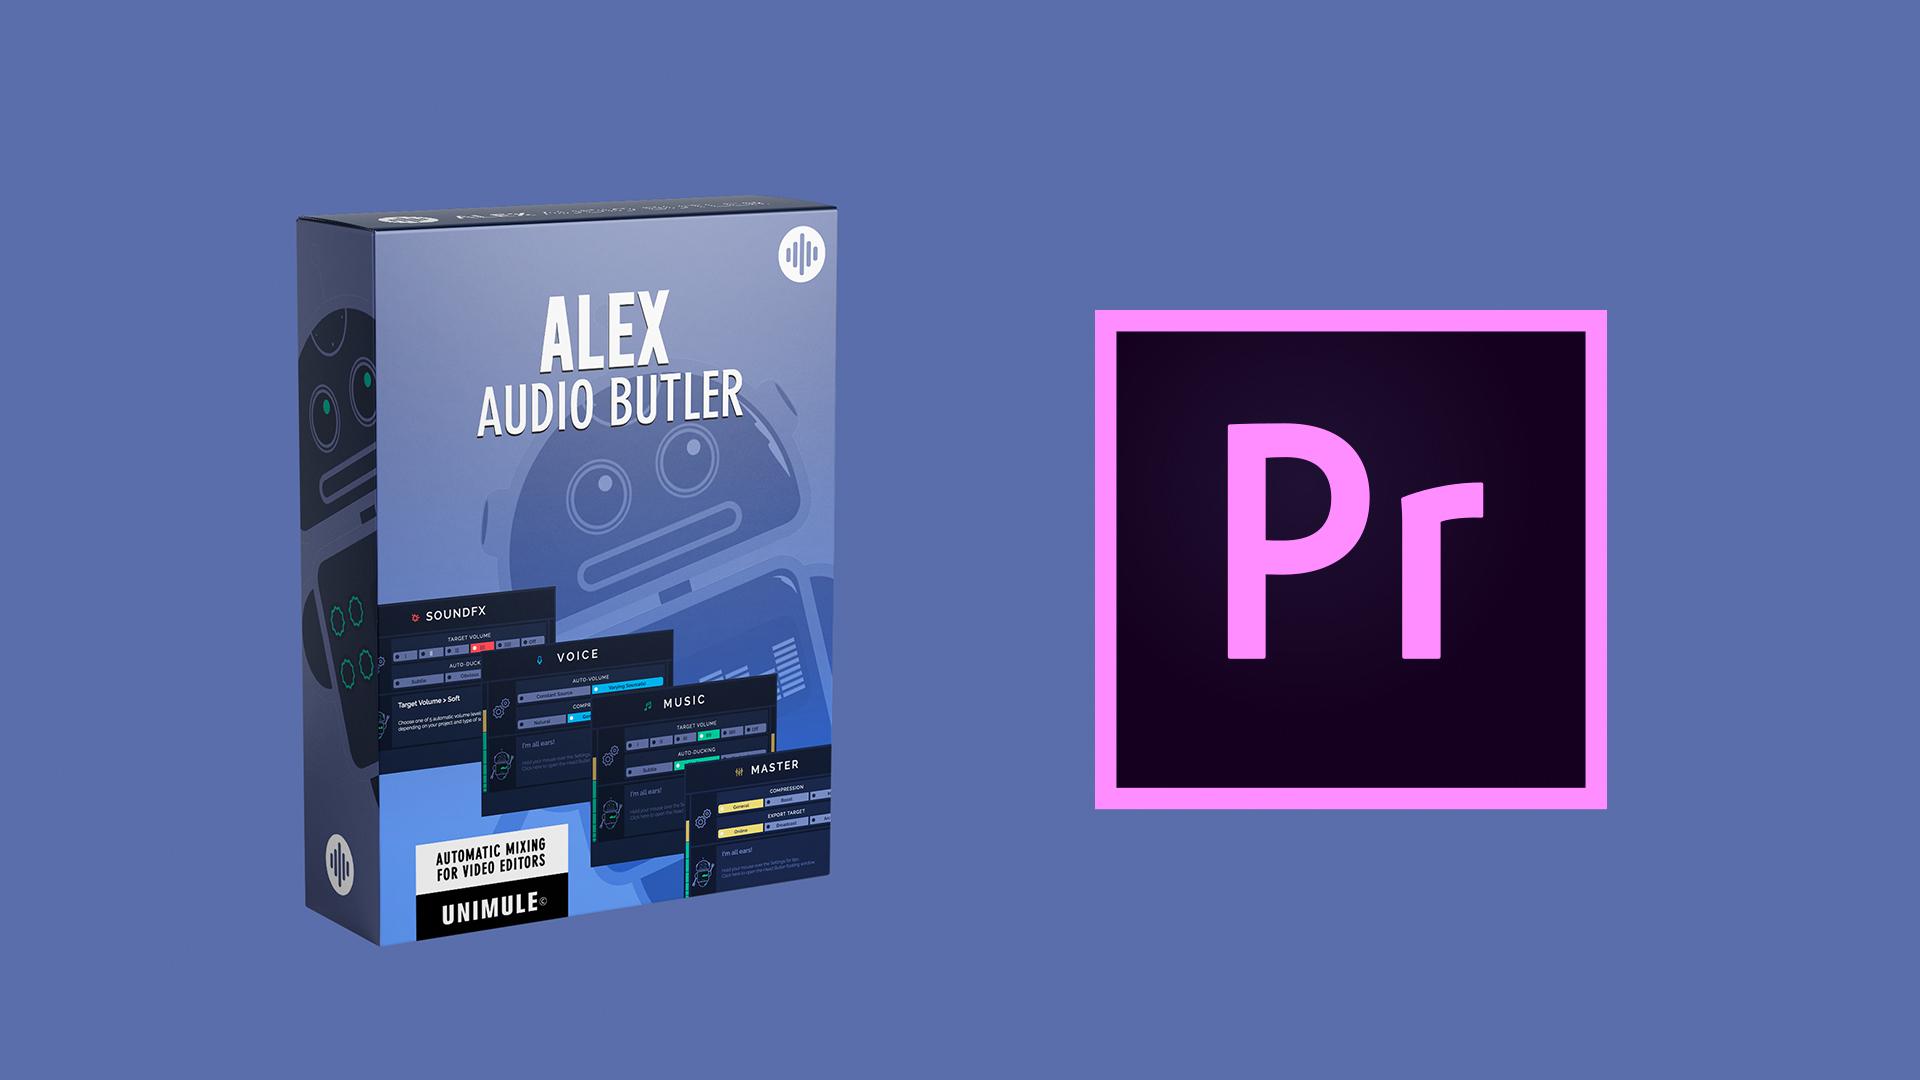 Alex Audio Butler - mezcla automáticamente música y voces en Adobe Premiere Pro - primera impresión